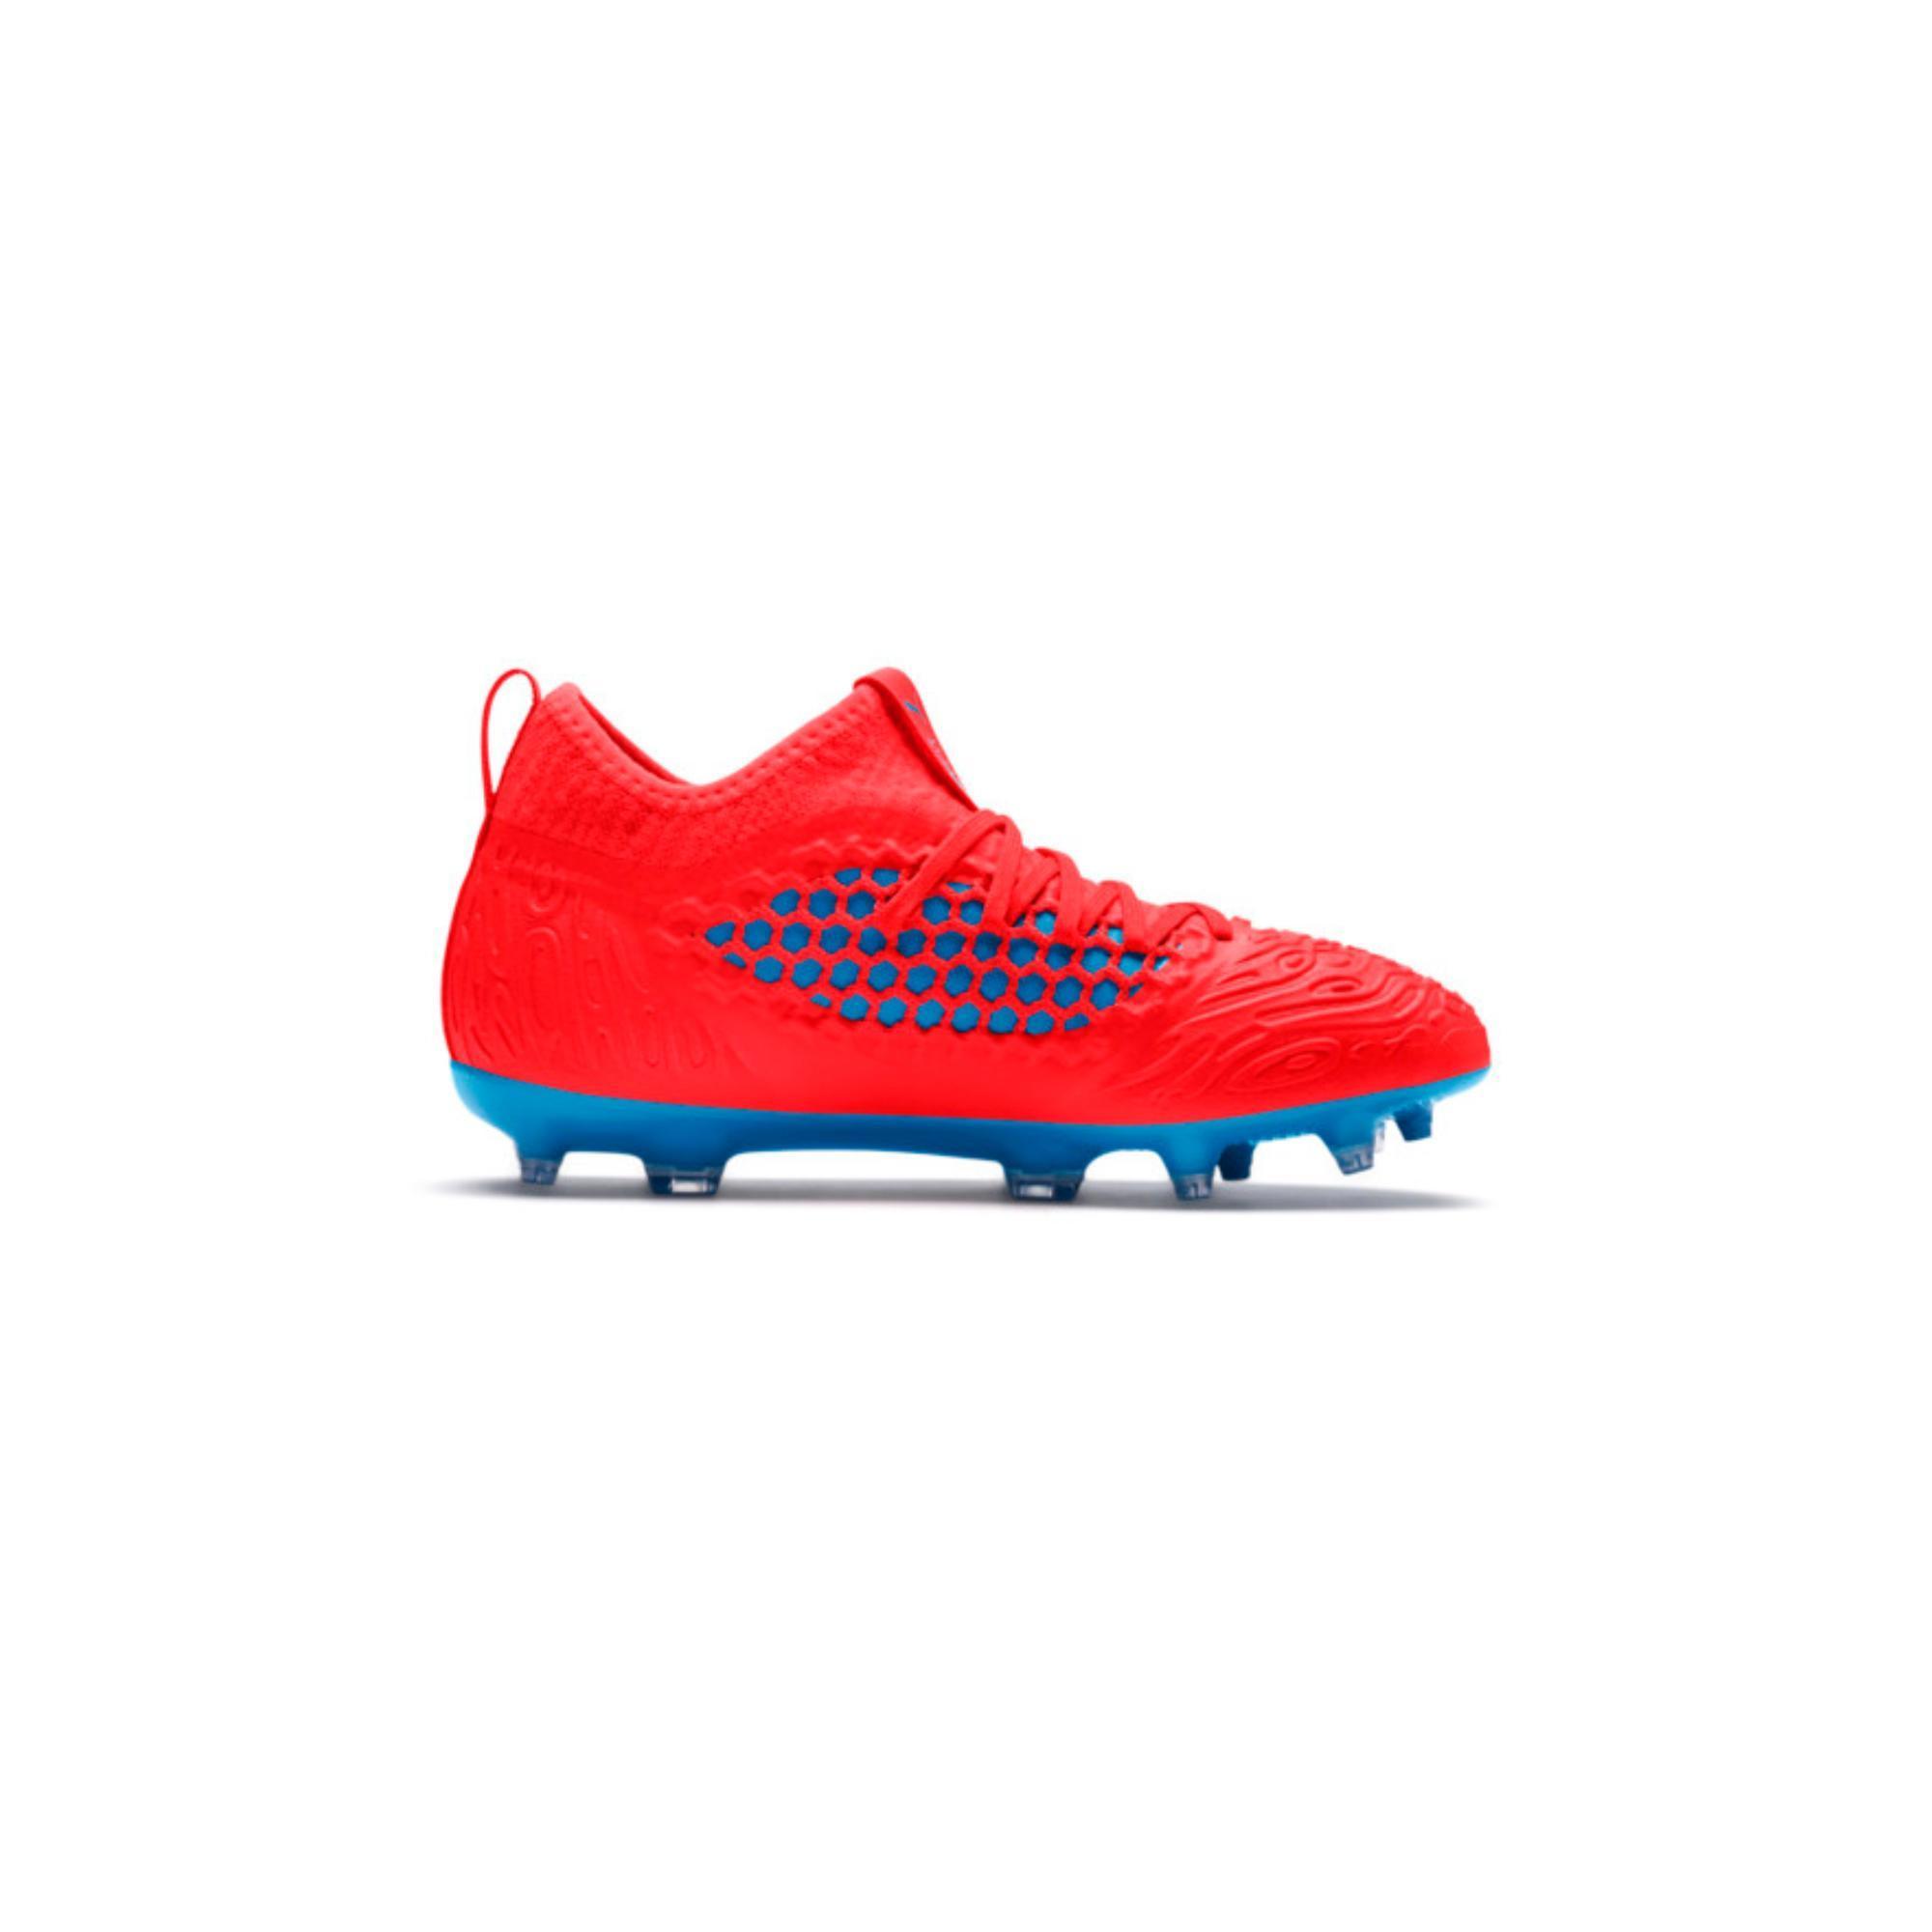 0d9f9505b88f1 Comprar Botas de Fútbol niños online